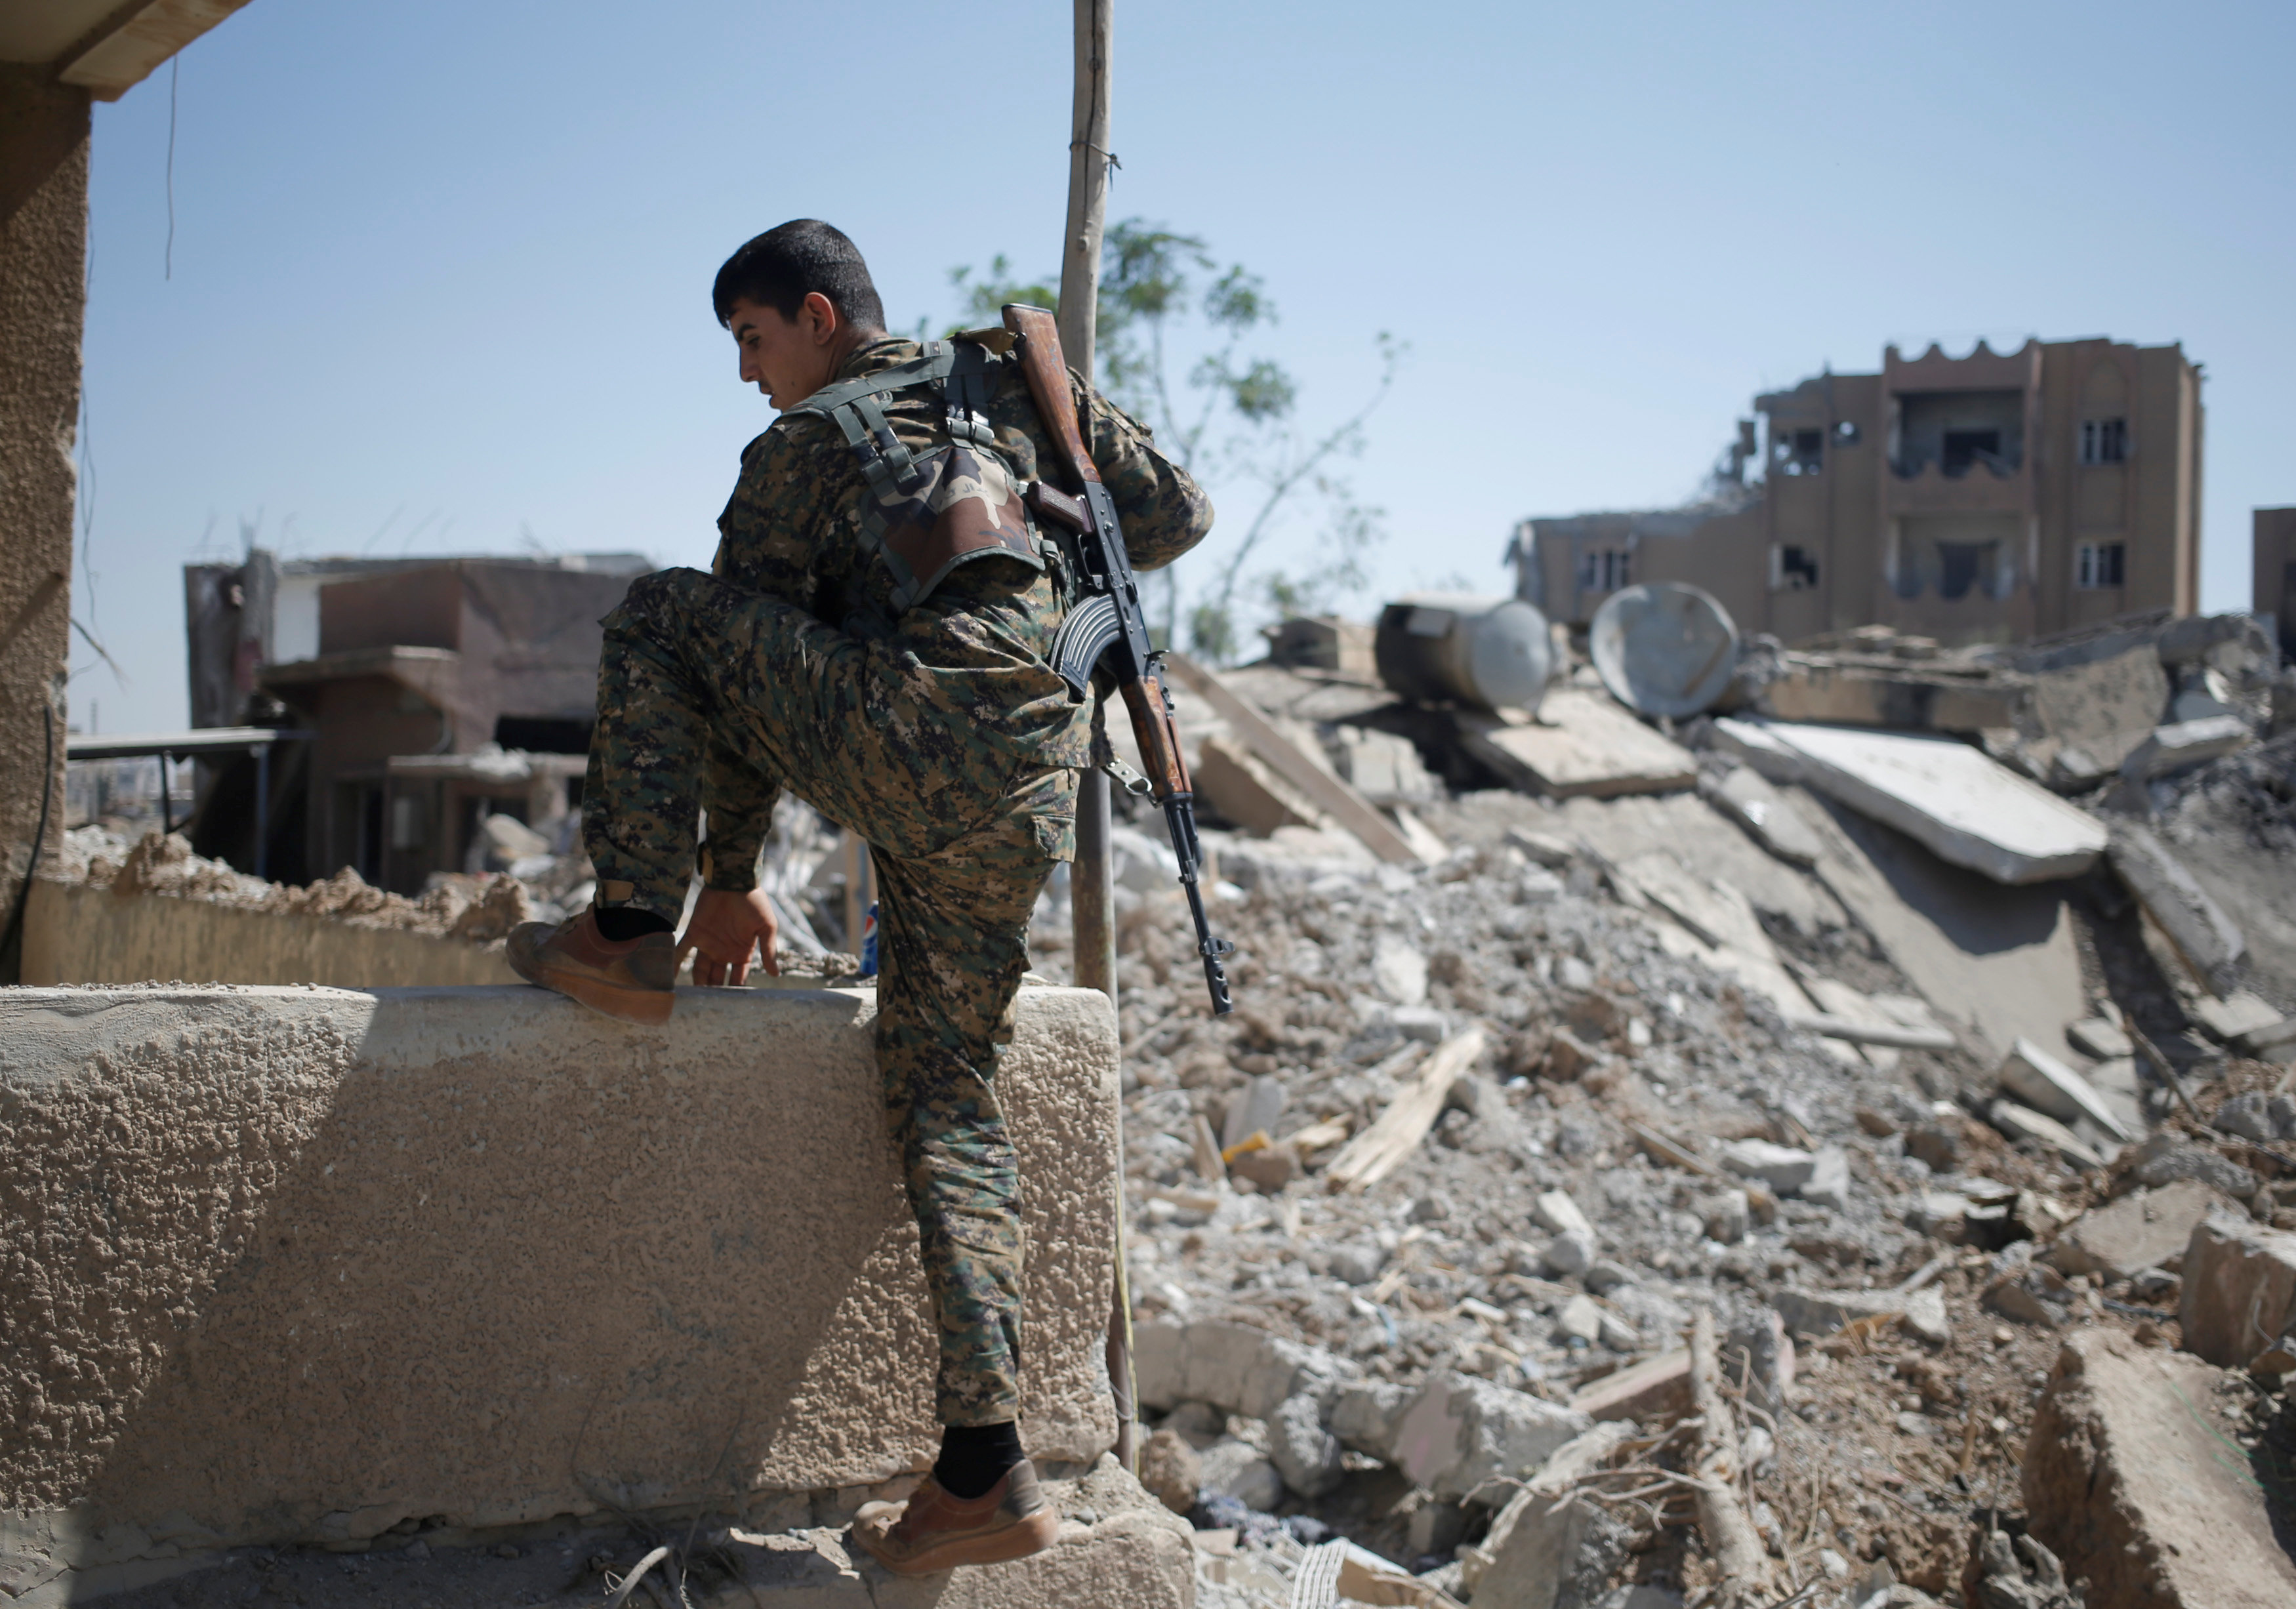 Un combatiente kurdo del YPG en Raqqa, Siria, ubicación clave de la guerra contra el Estado Islámico (Reuters)